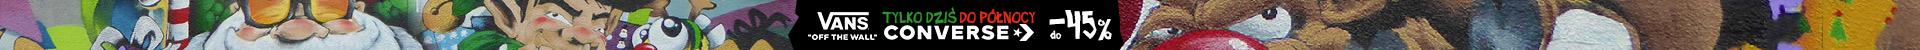 /converse-vans/oferta